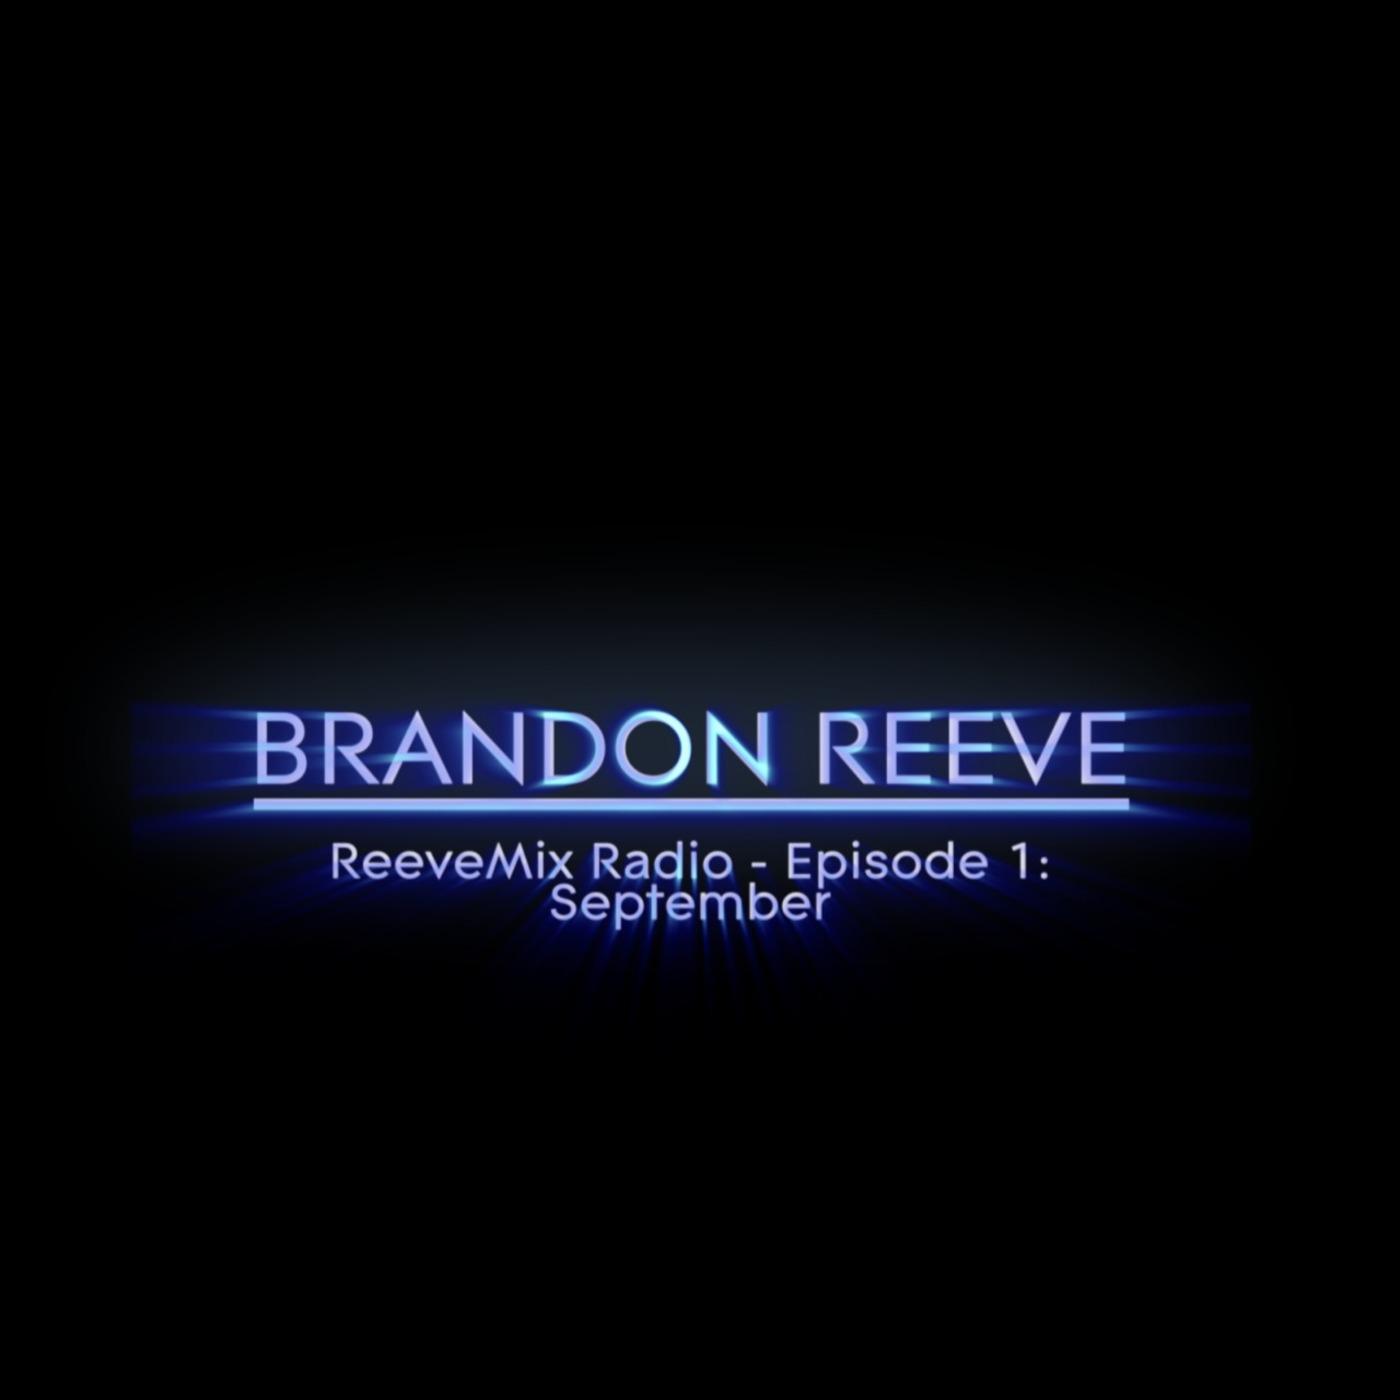 ReeveMix Radio - Episode 1: September